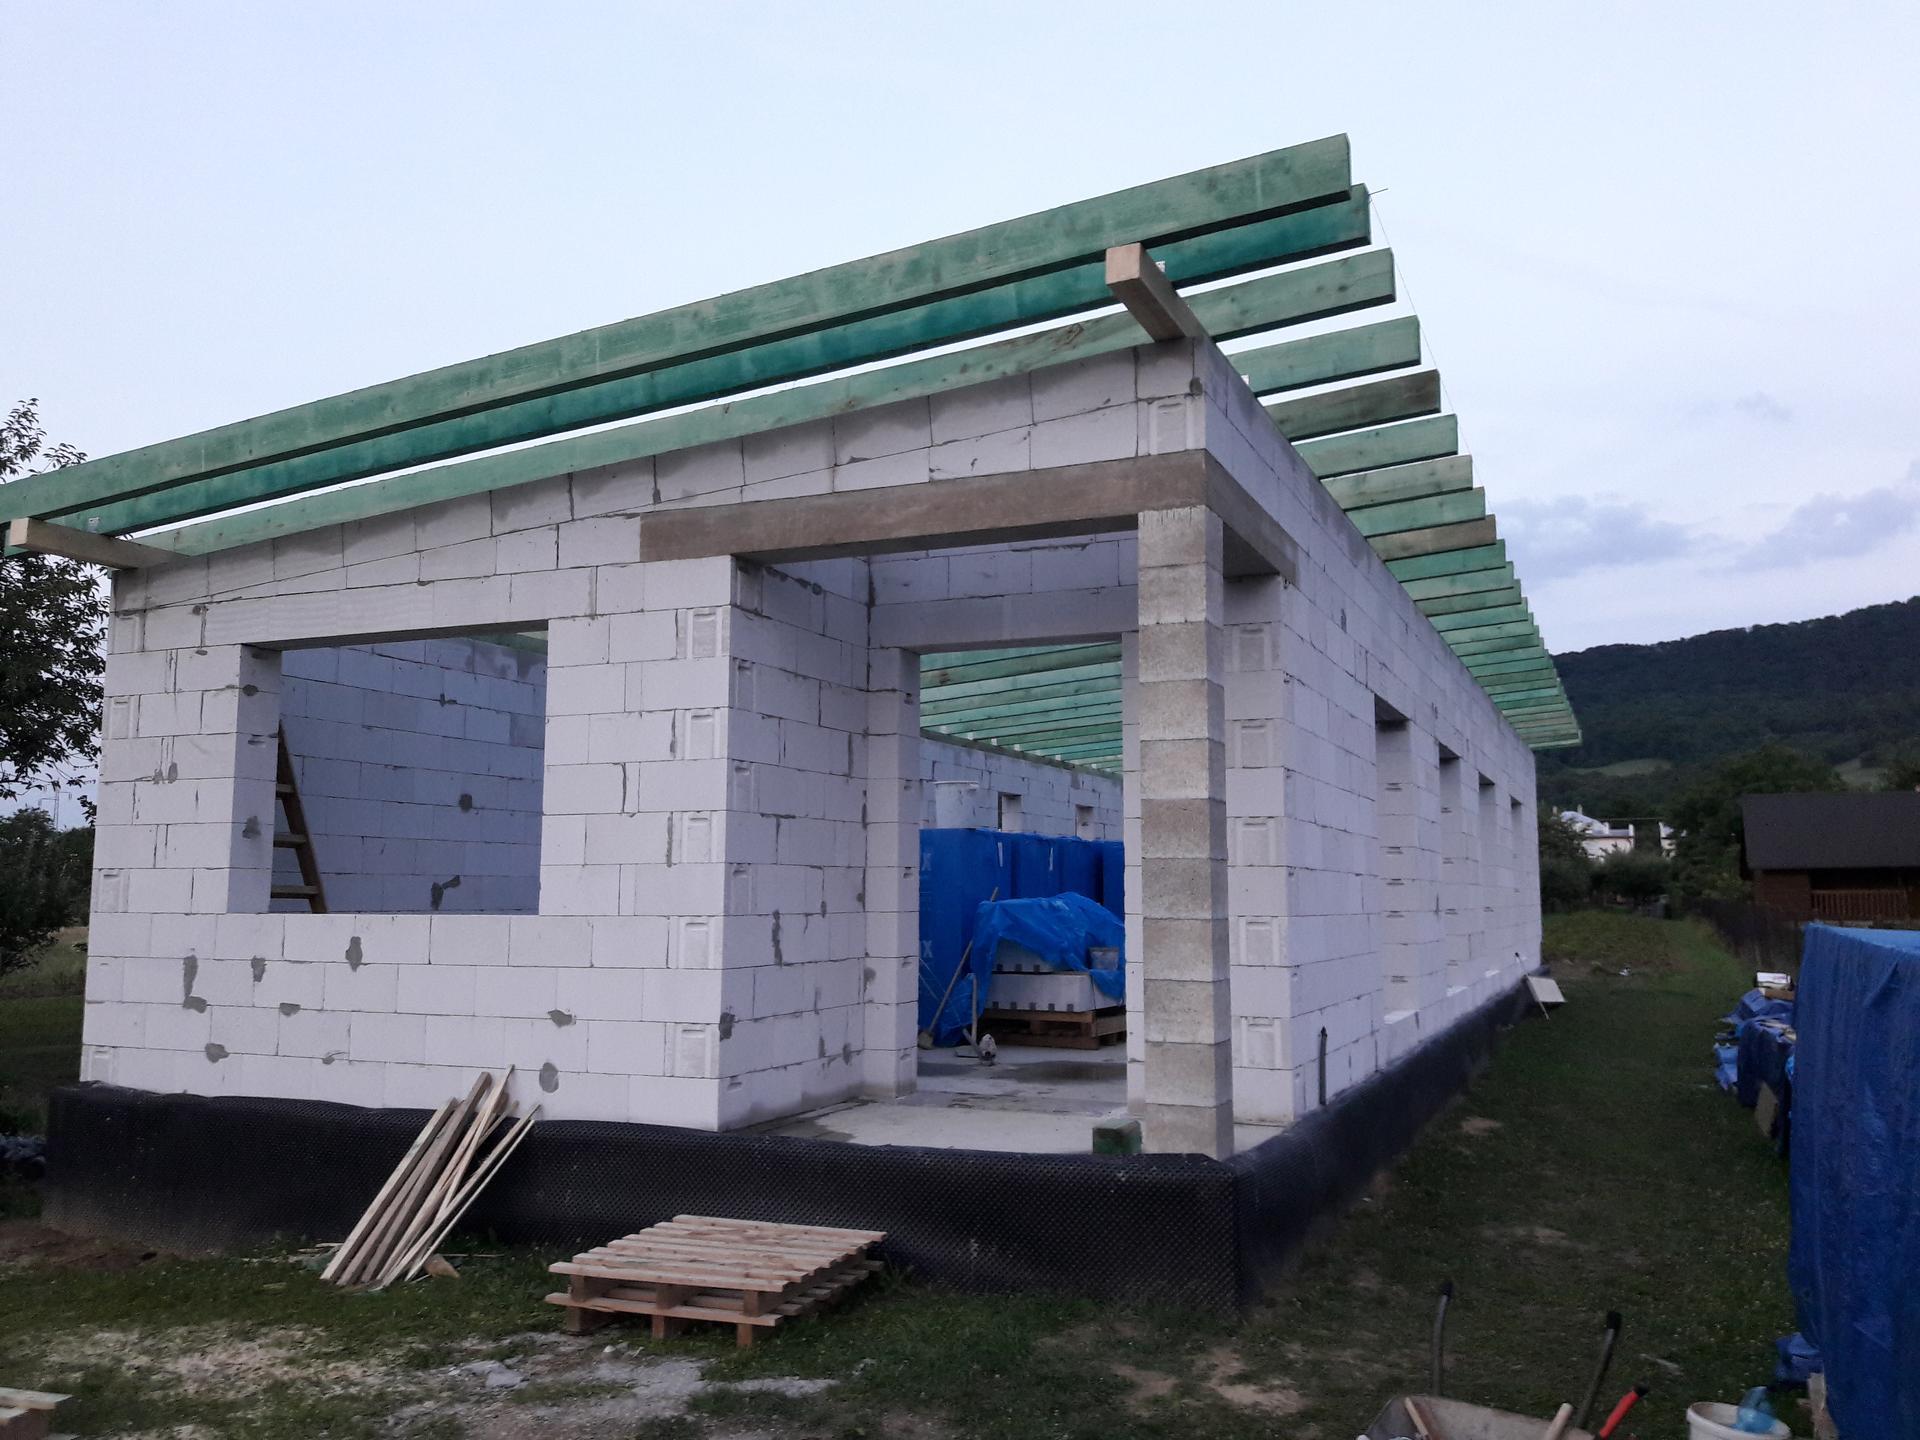 Hrubá stavba - Začali sme so strechou